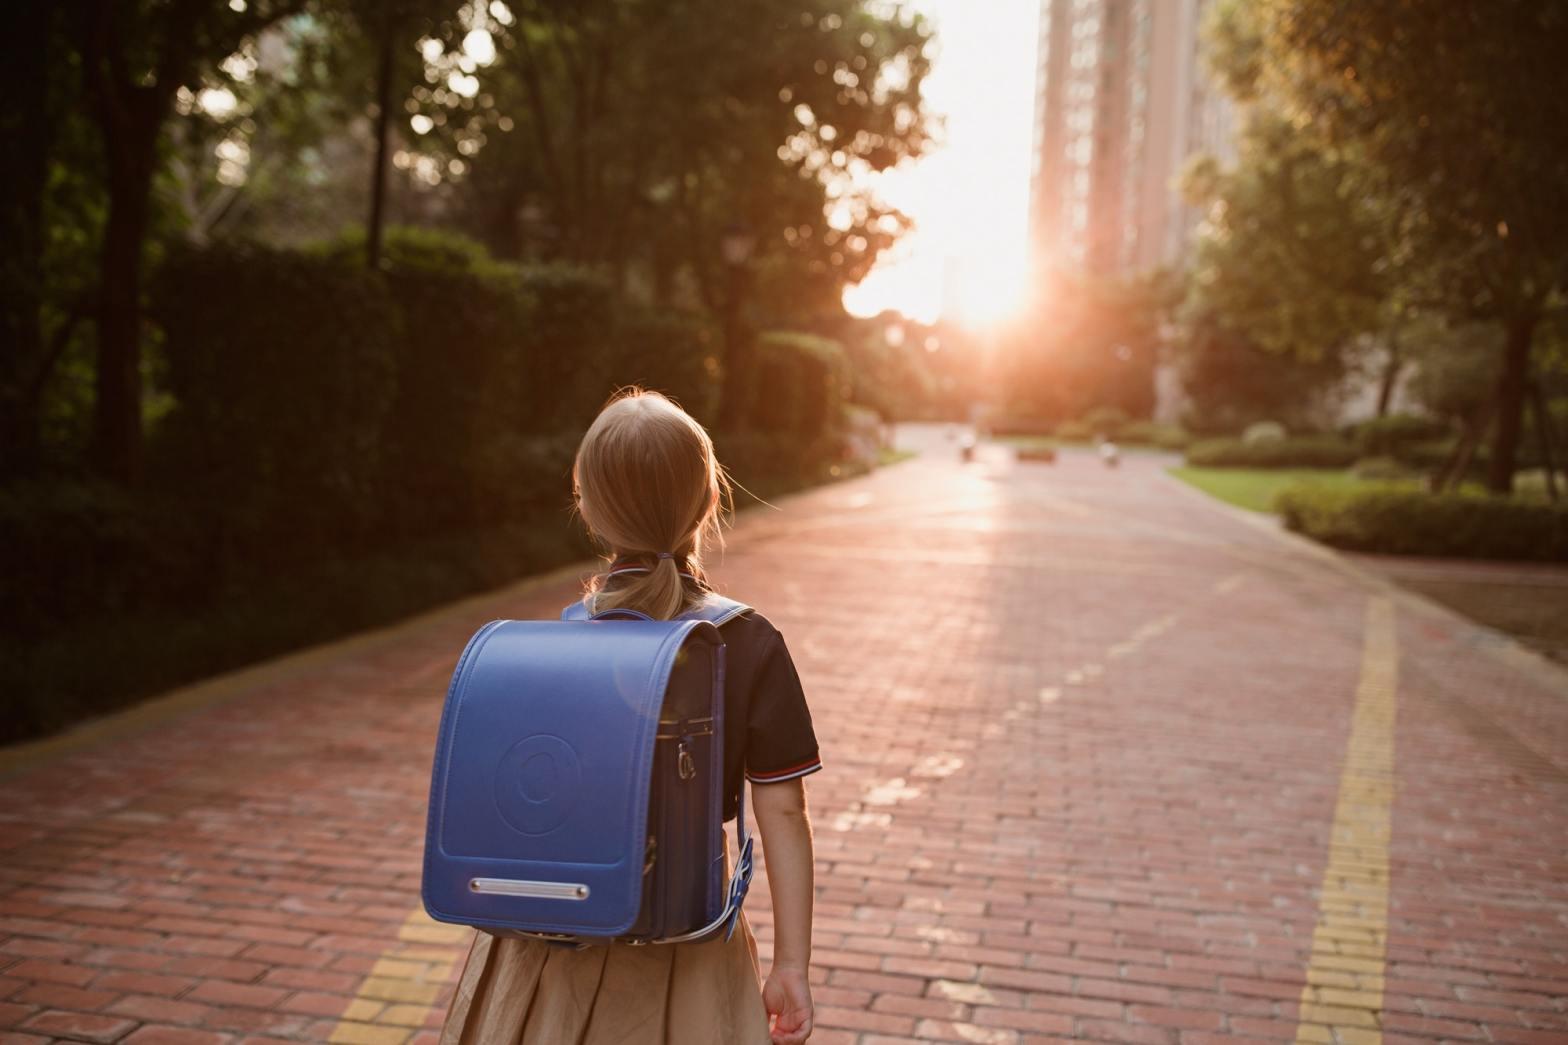 Schoolgirl back to school. Pupil in uniform and backpack outdoor